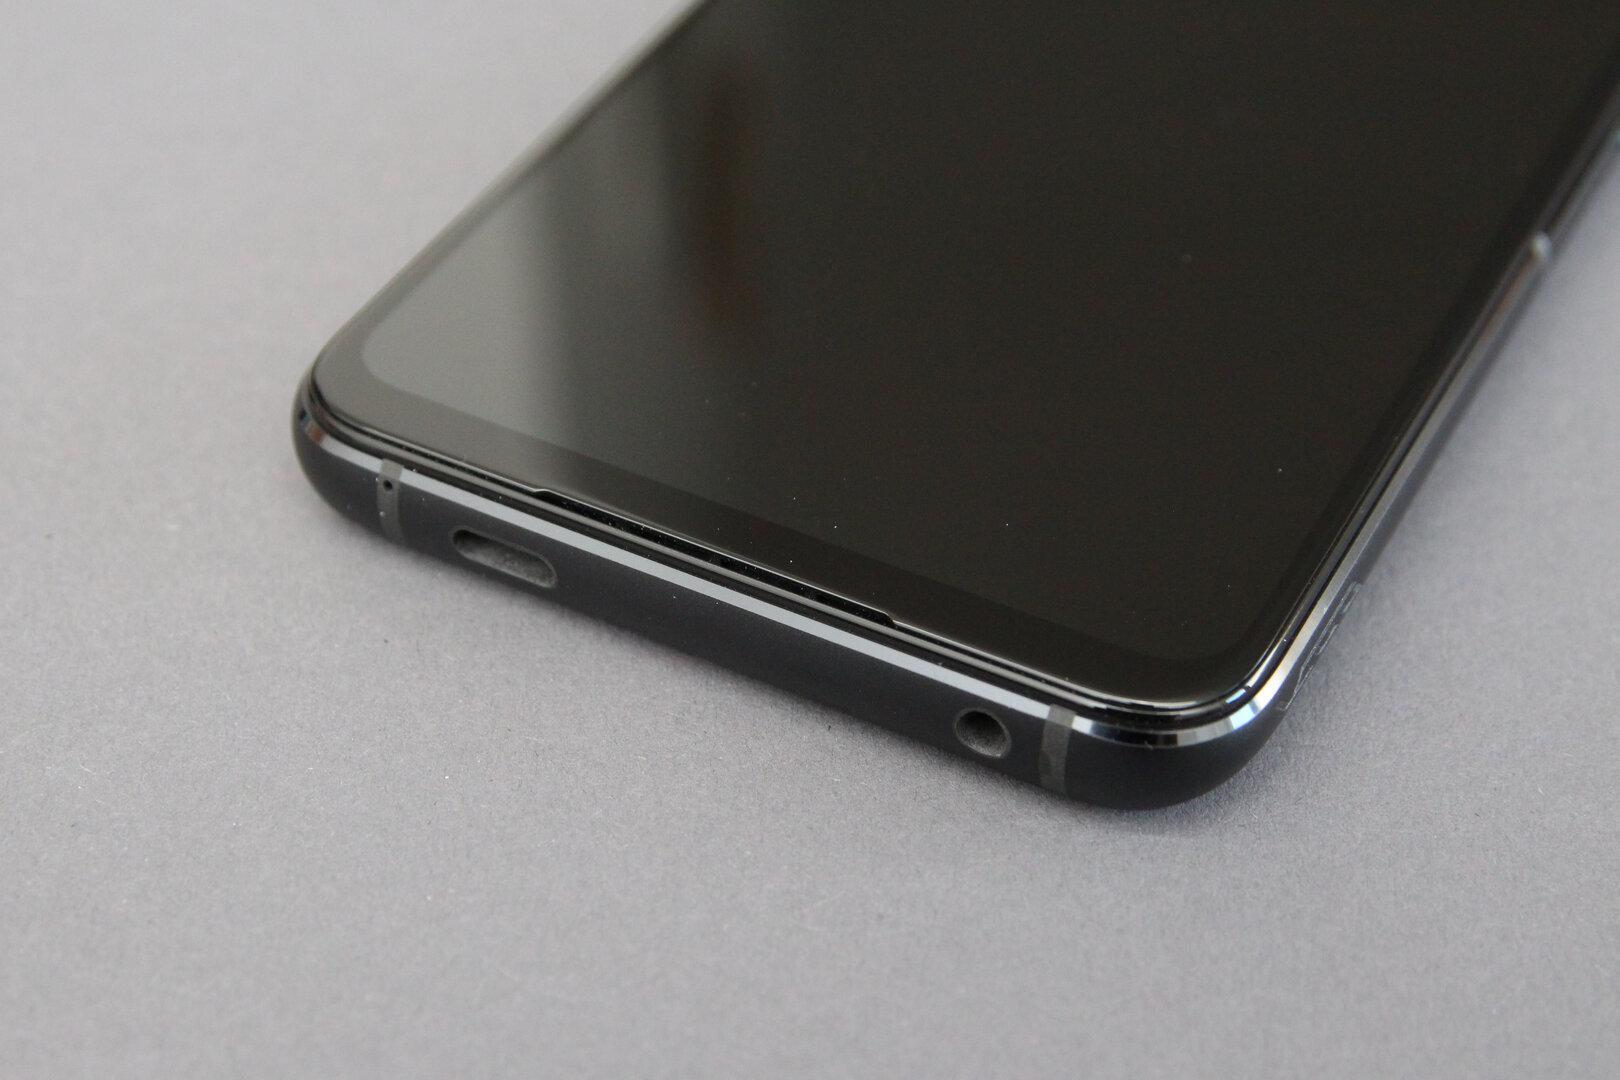 Asus ROG Phone 5: USB-C und Klinke an der Unterseite